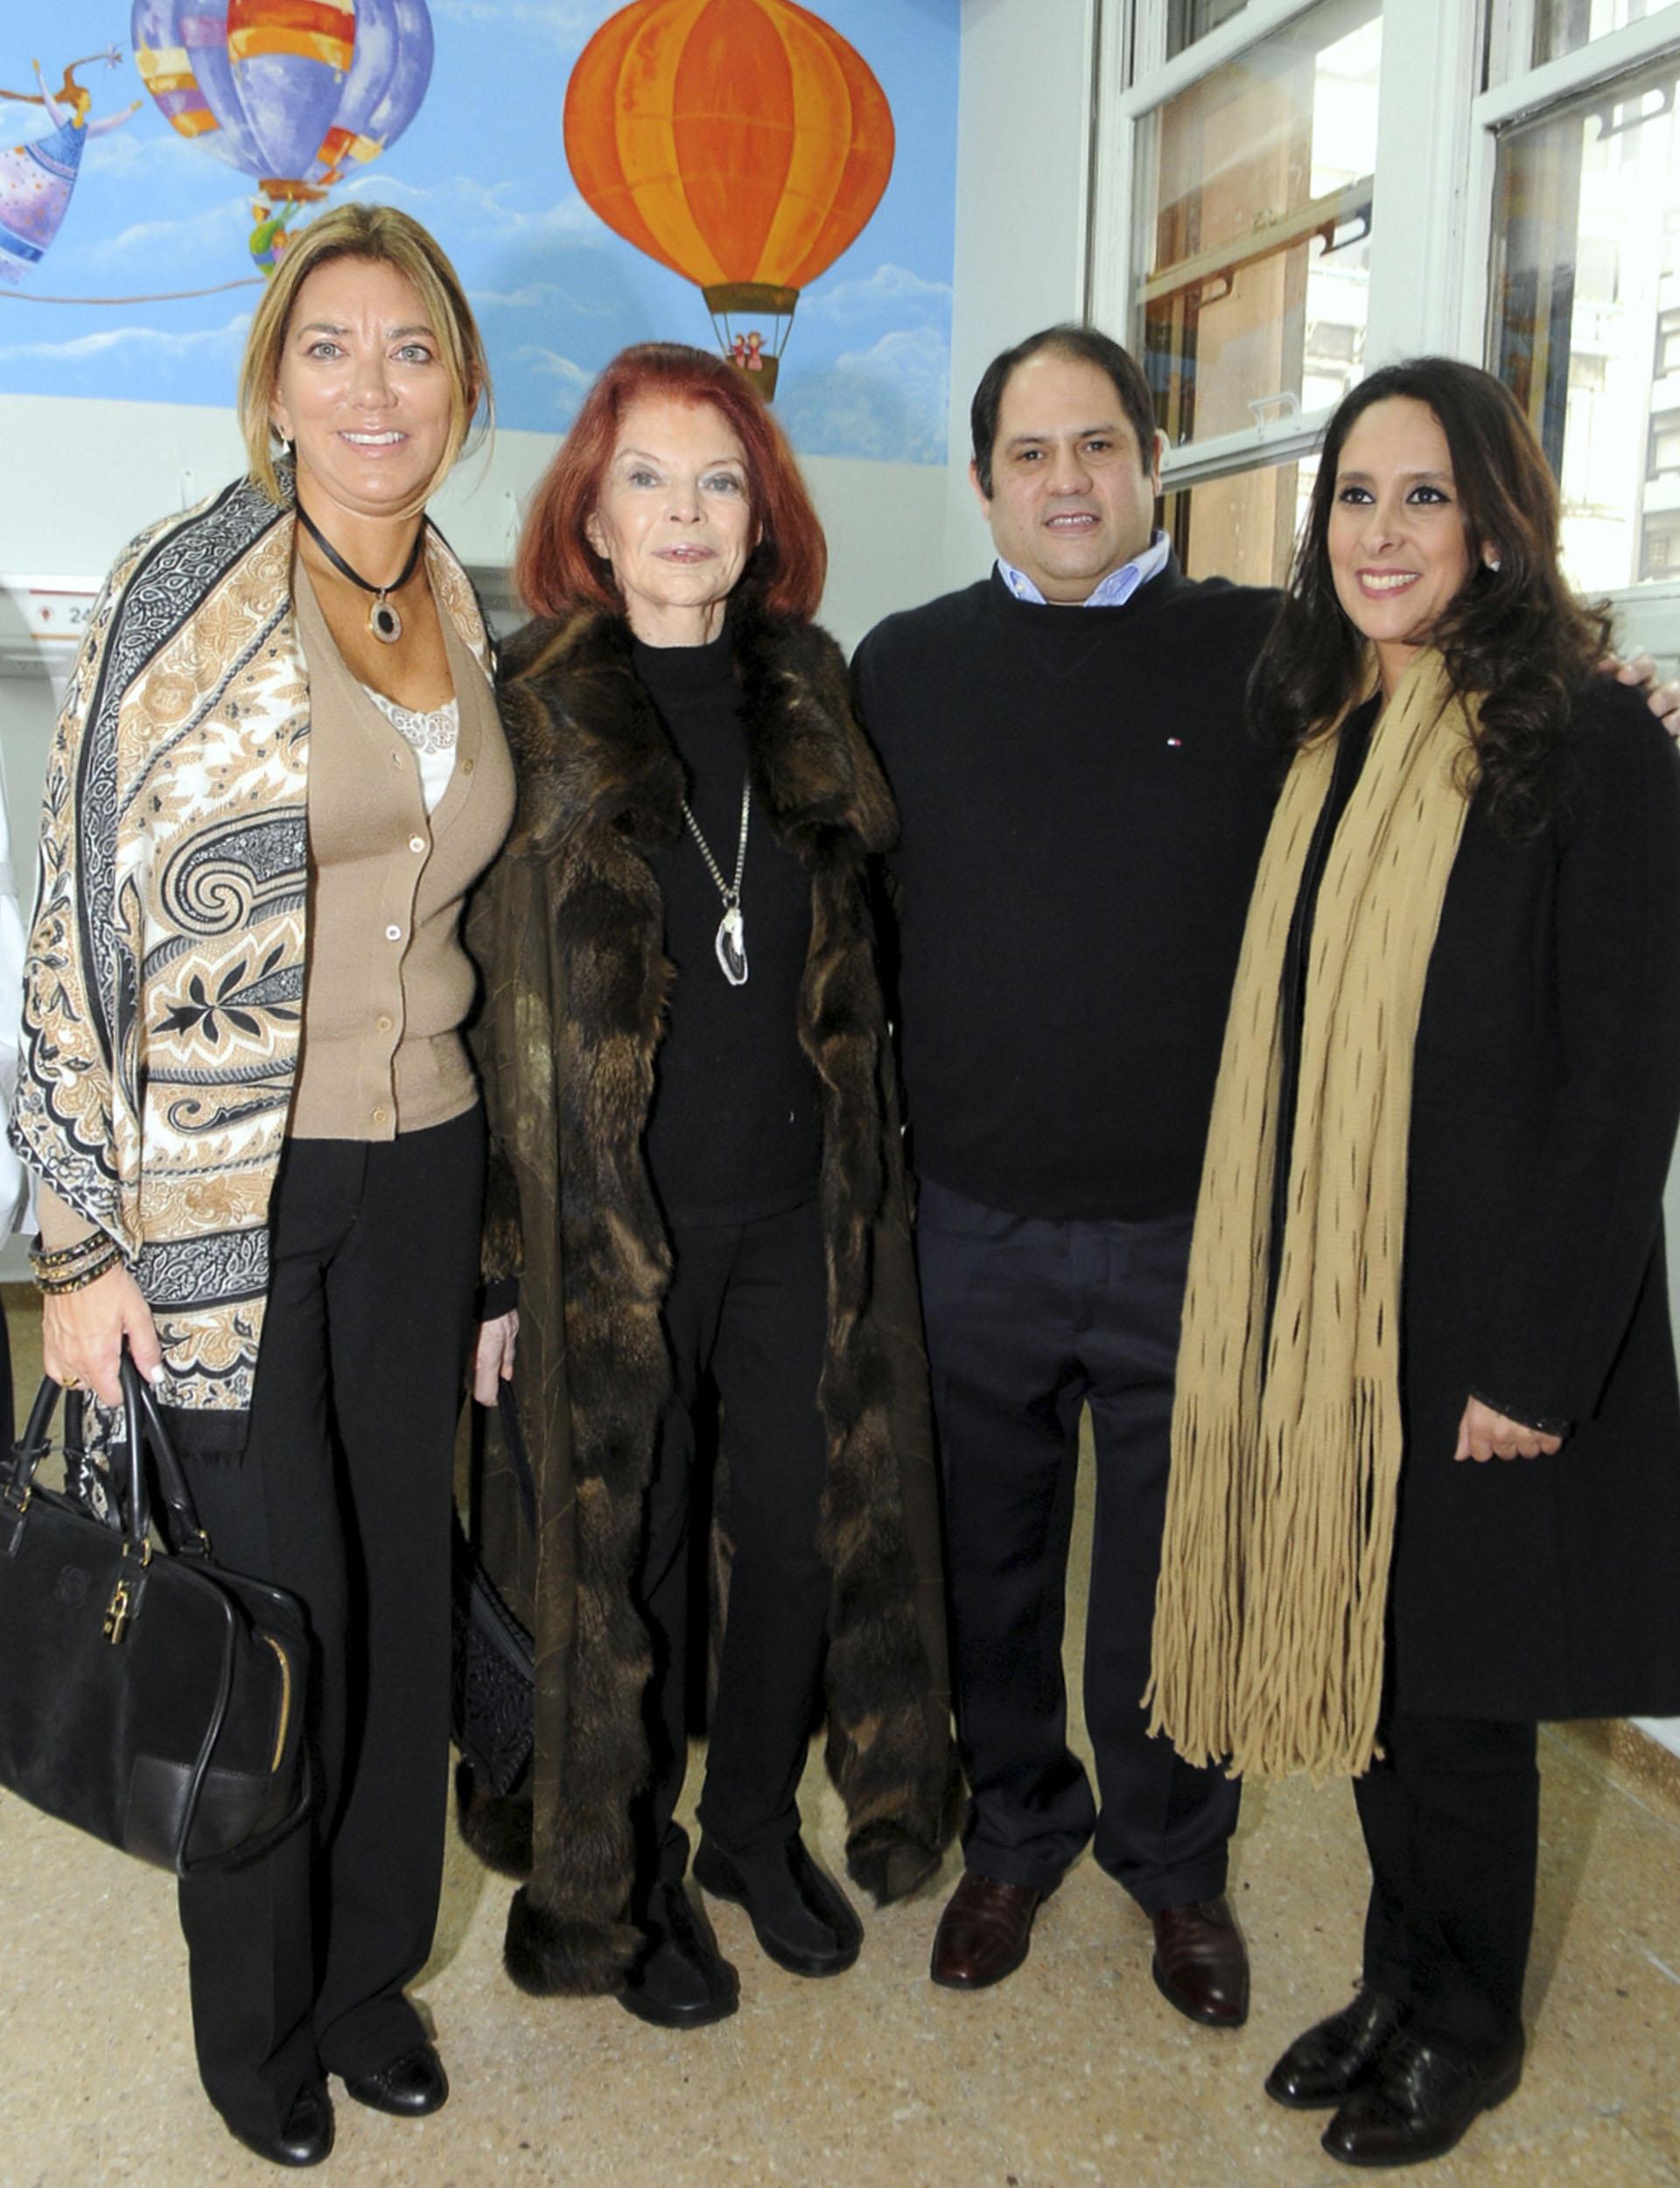 Bettina Bulgheroni, miembro de la Comisión de la Fundación del Hospital de Clínicas; Lili Sielecki, y Felipe y Vanesa Noble Herrera